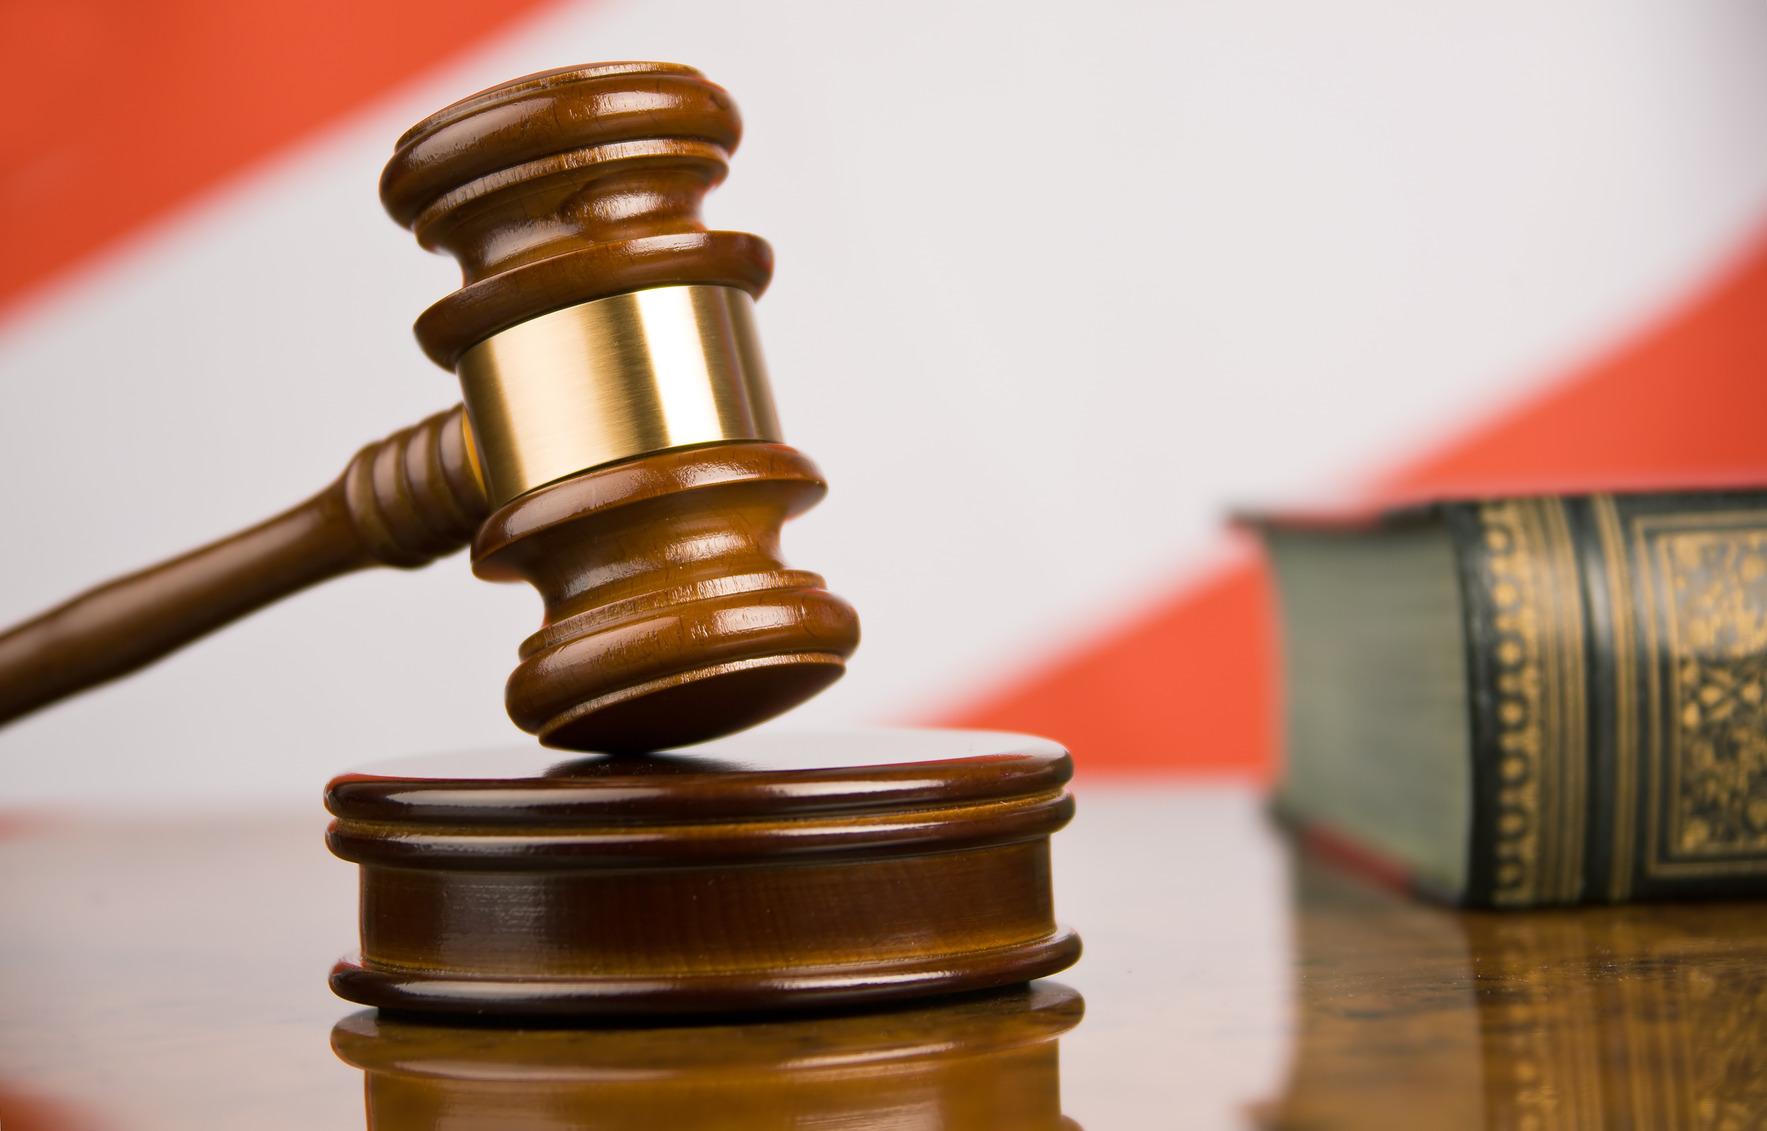 Часть судей из Соломенского райсуда будет работать в Шевченковском районном суде / Суд инфо / Судебно-юридическая газета